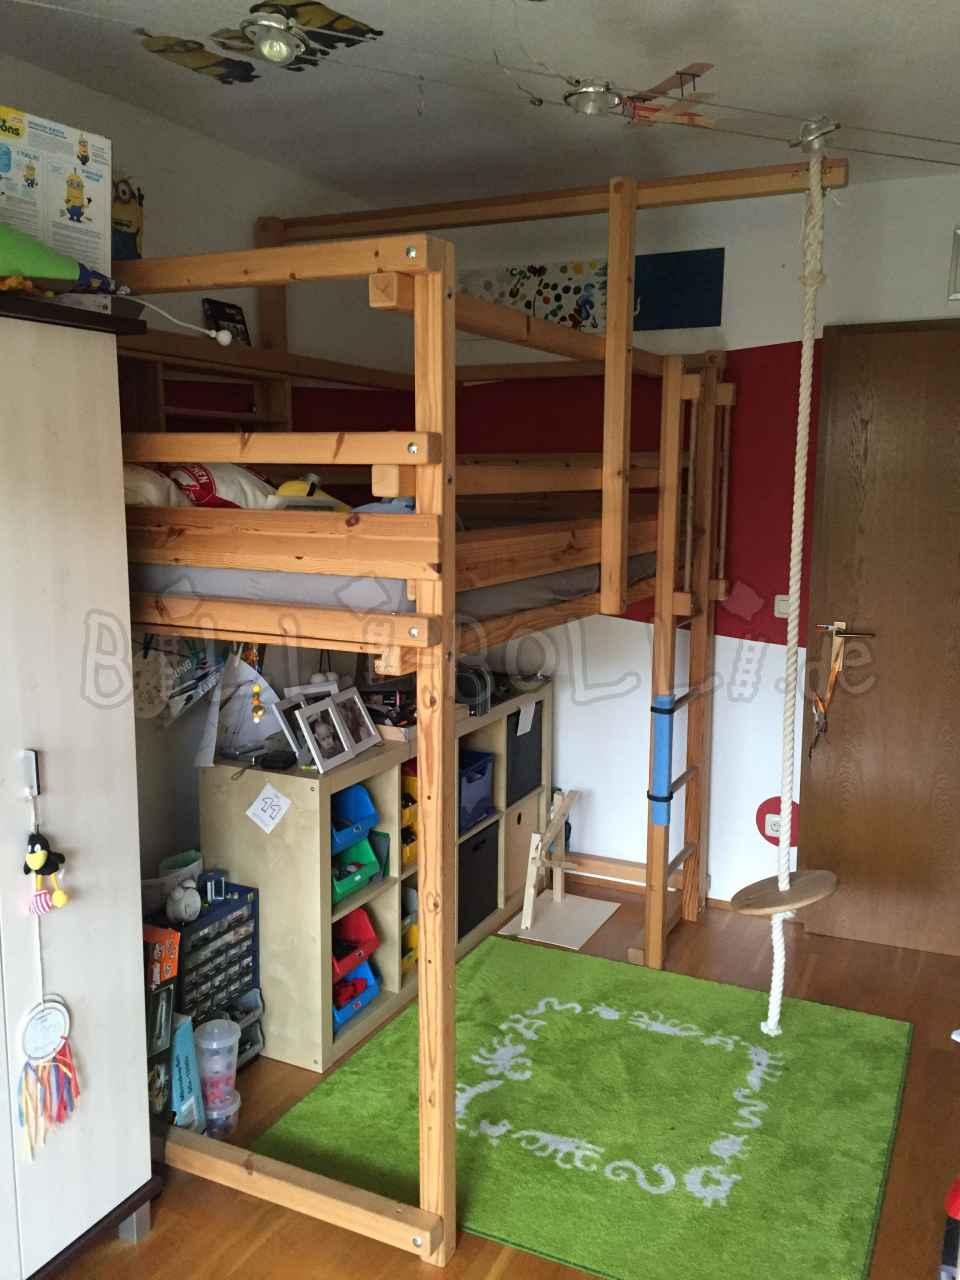 secondhand page 18 billi bolli kids furniture. Black Bedroom Furniture Sets. Home Design Ideas